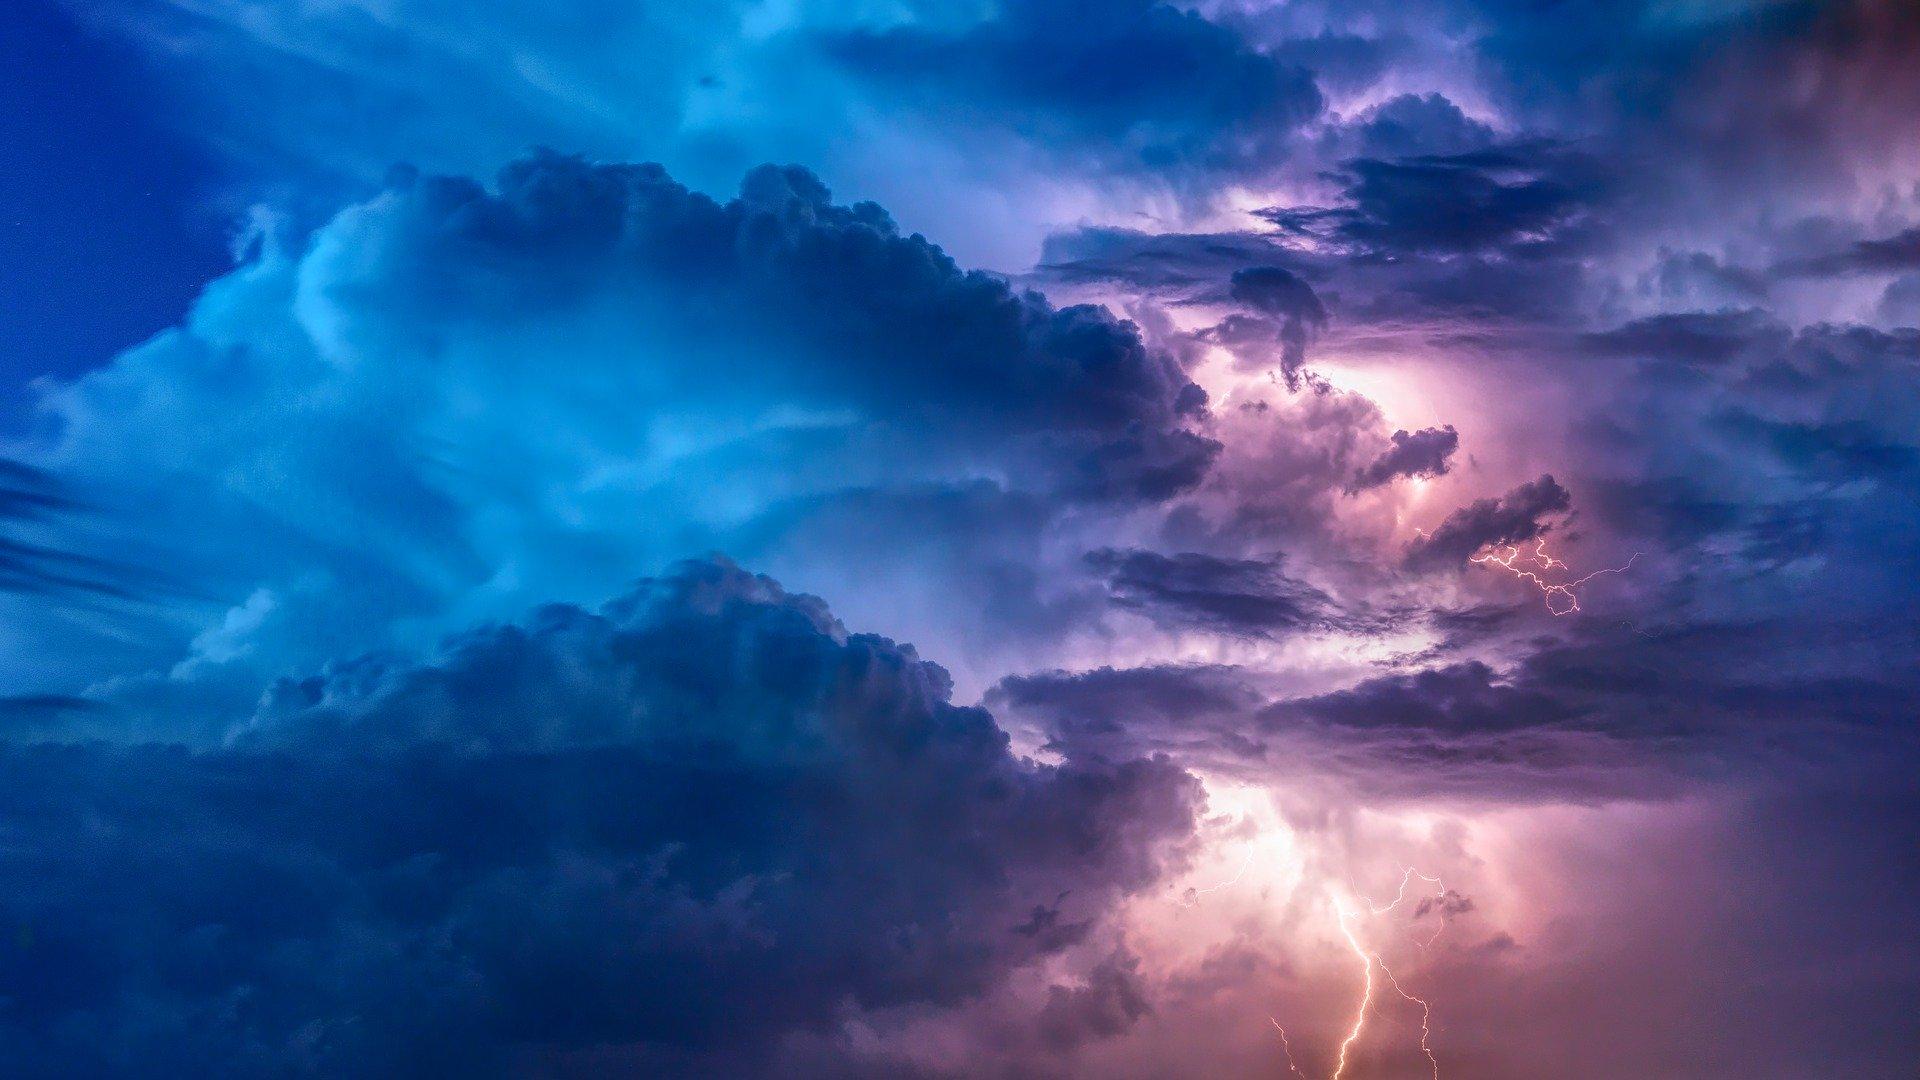 有猶太教拉比指出,中共邪惡政權可能引發末世的歌革與瑪各之戰。圖為風暴與閃電的示意圖。(Pixabay)